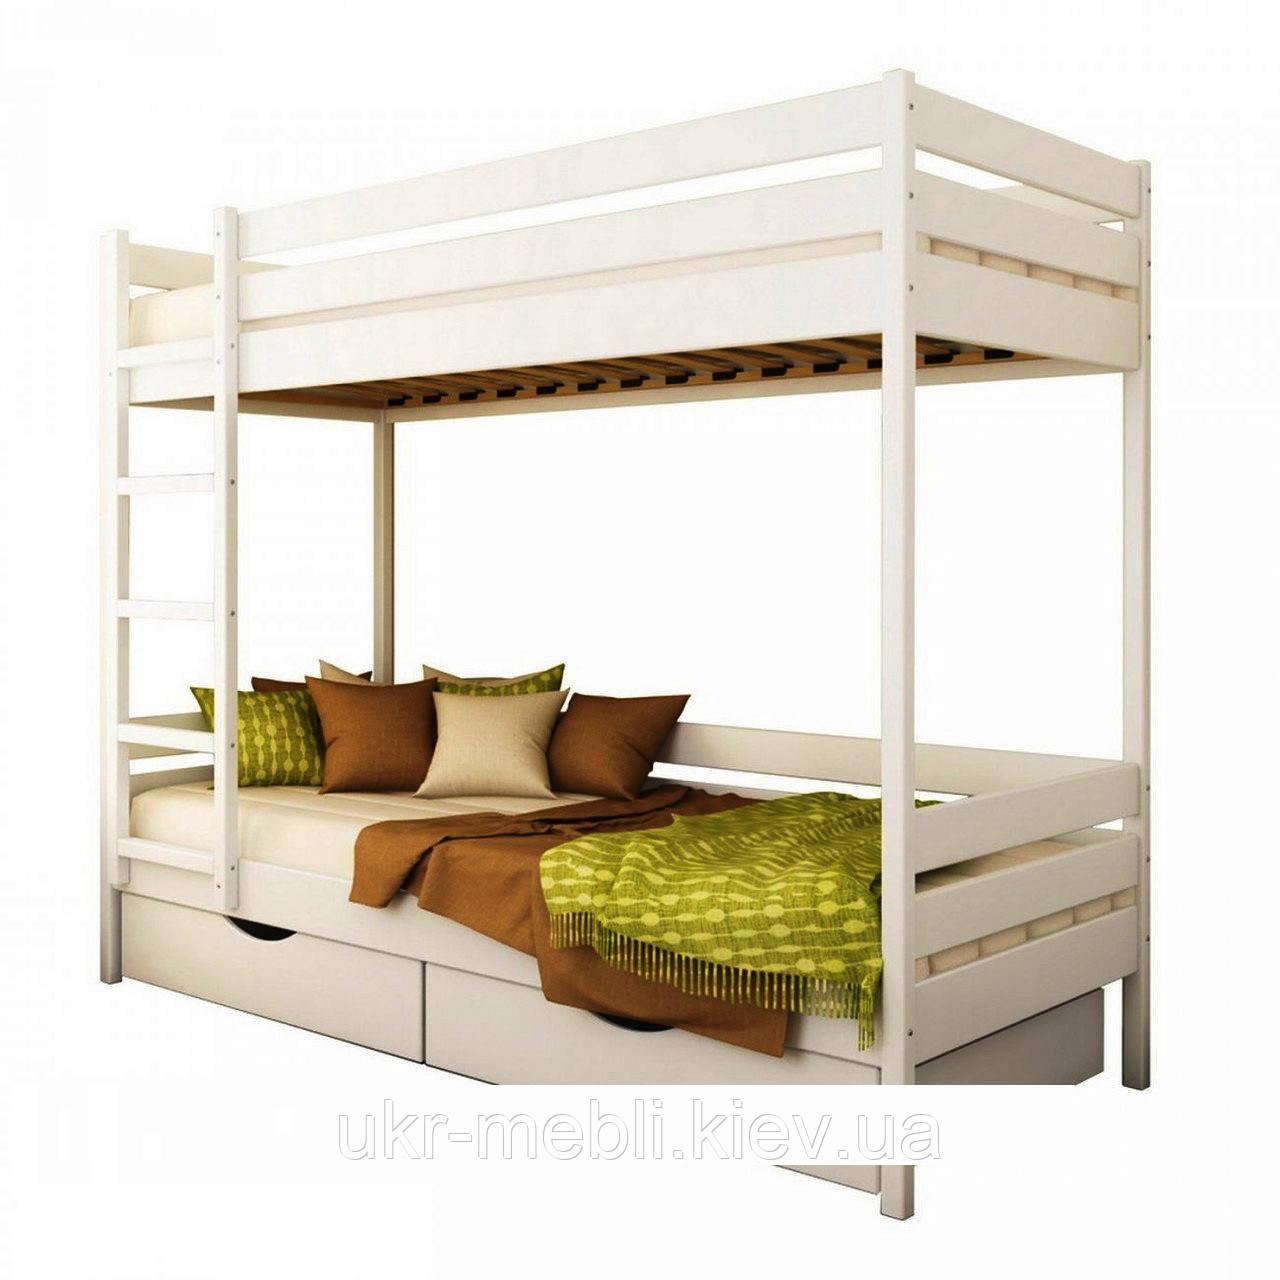 Дитяча двох'ярусна ліжко з масиву дерева Модерн, Оріон